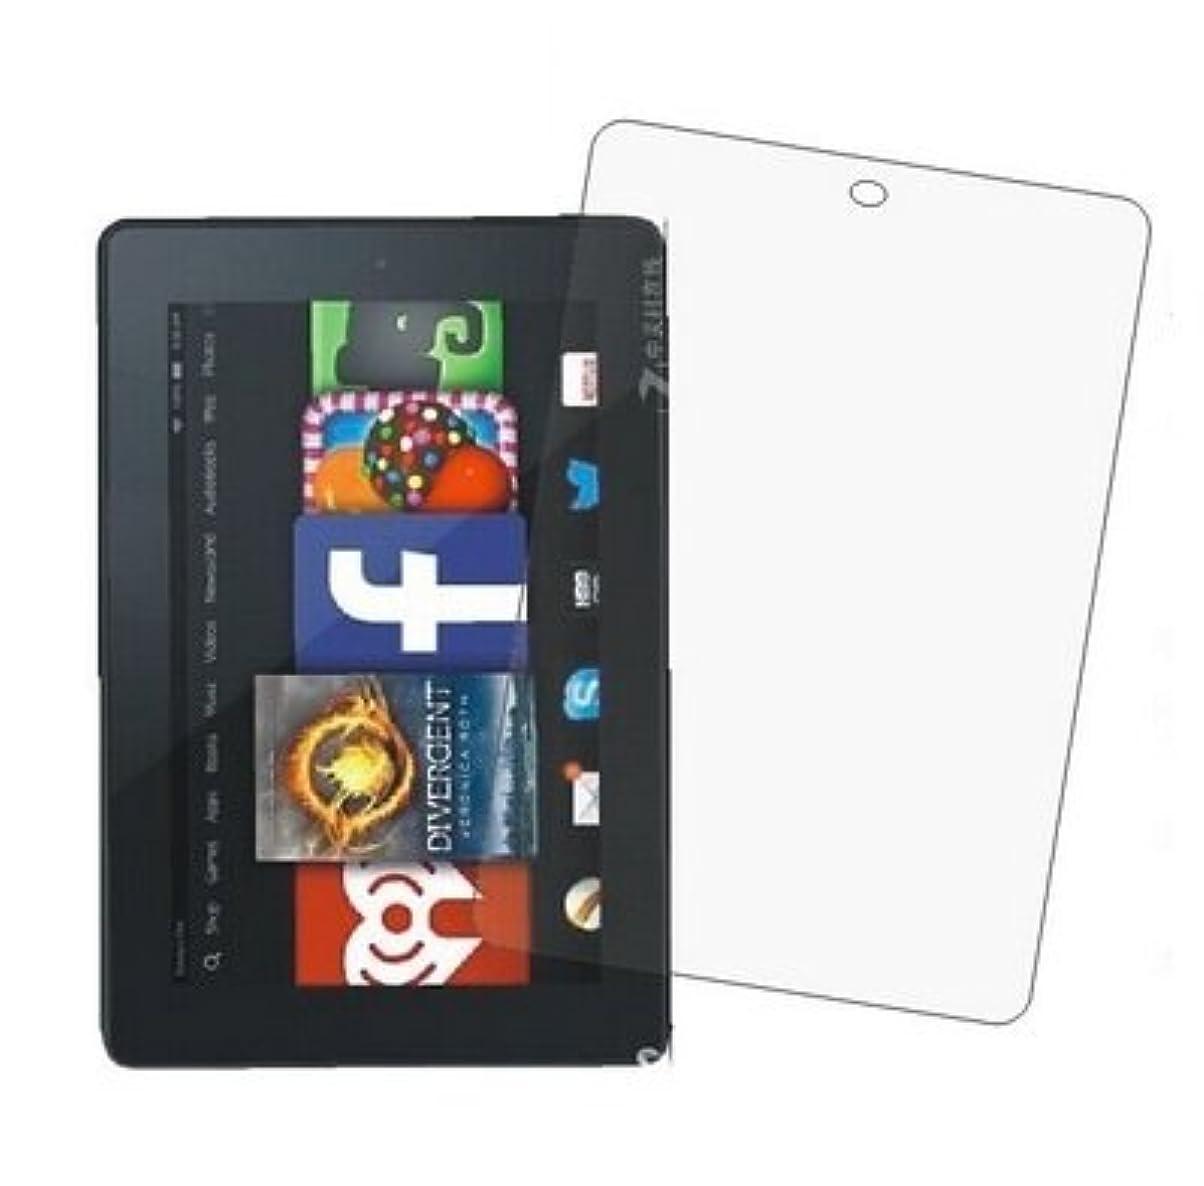 シプリーあいにく平野【RIRIYA】Amazon Kindle Fire HD6 透明クリアータイプ 液晶保護シール スクリーンフィルム 気泡ゼロ 指紋防止「505-0013-01」